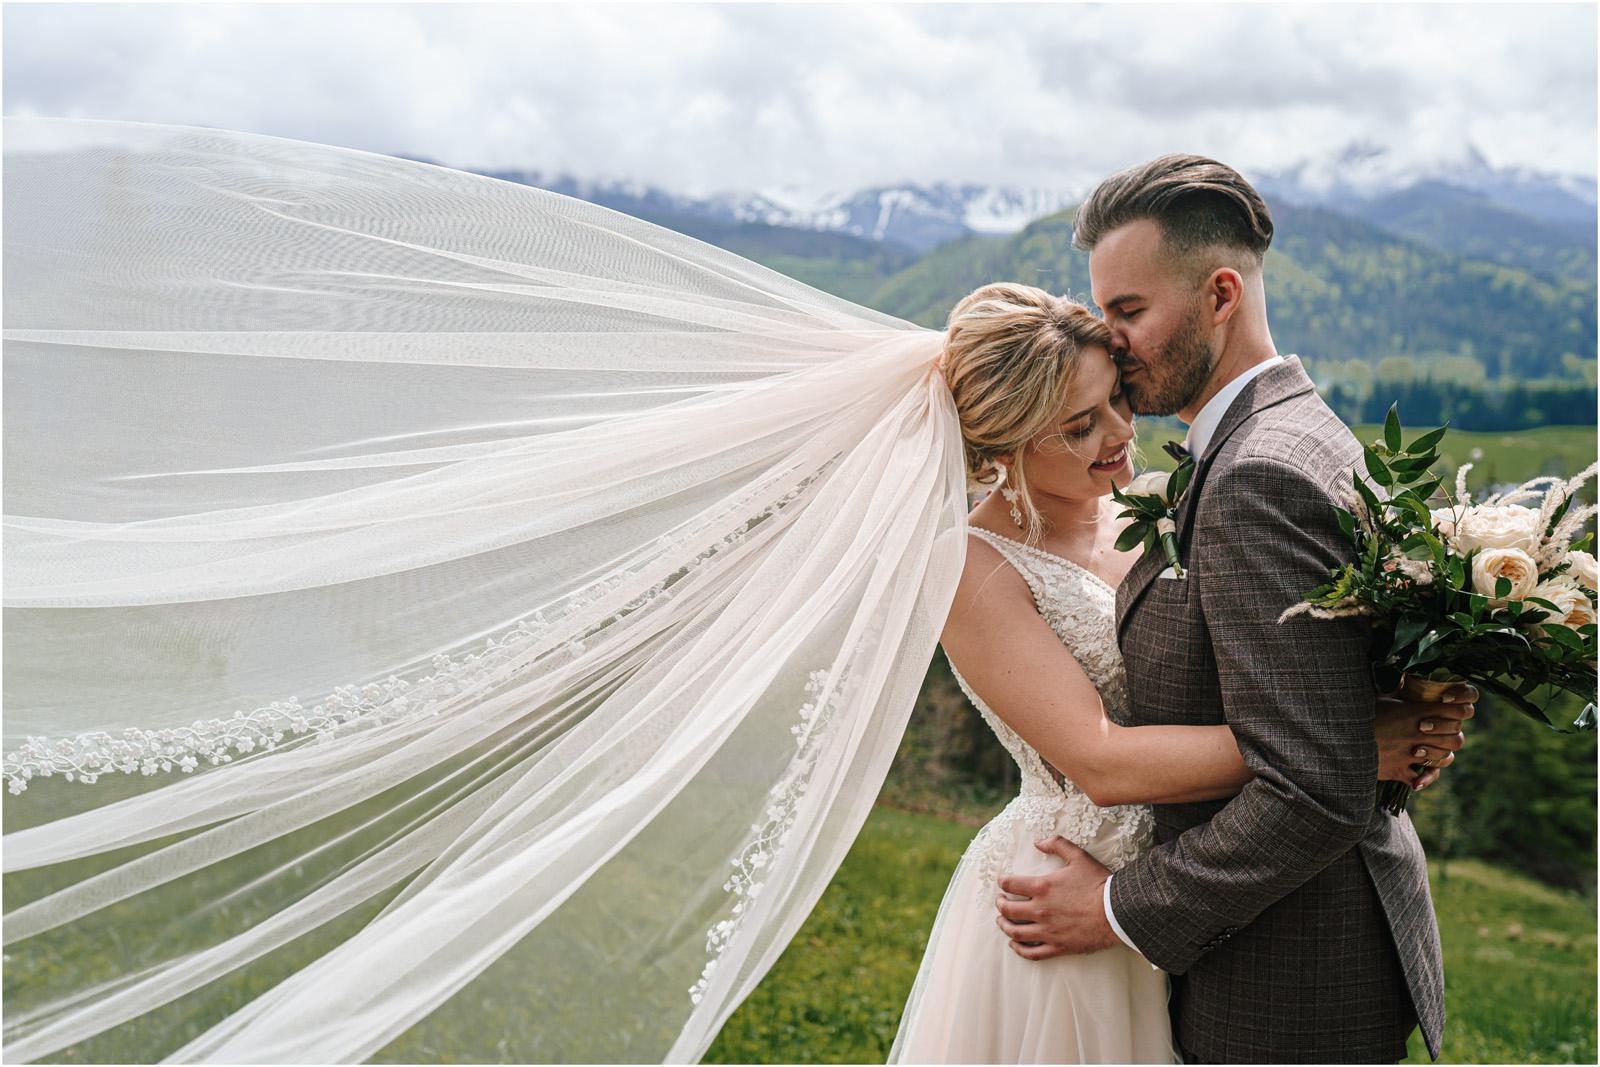 Amanda & Błażej | ślub i sesja w górach 49